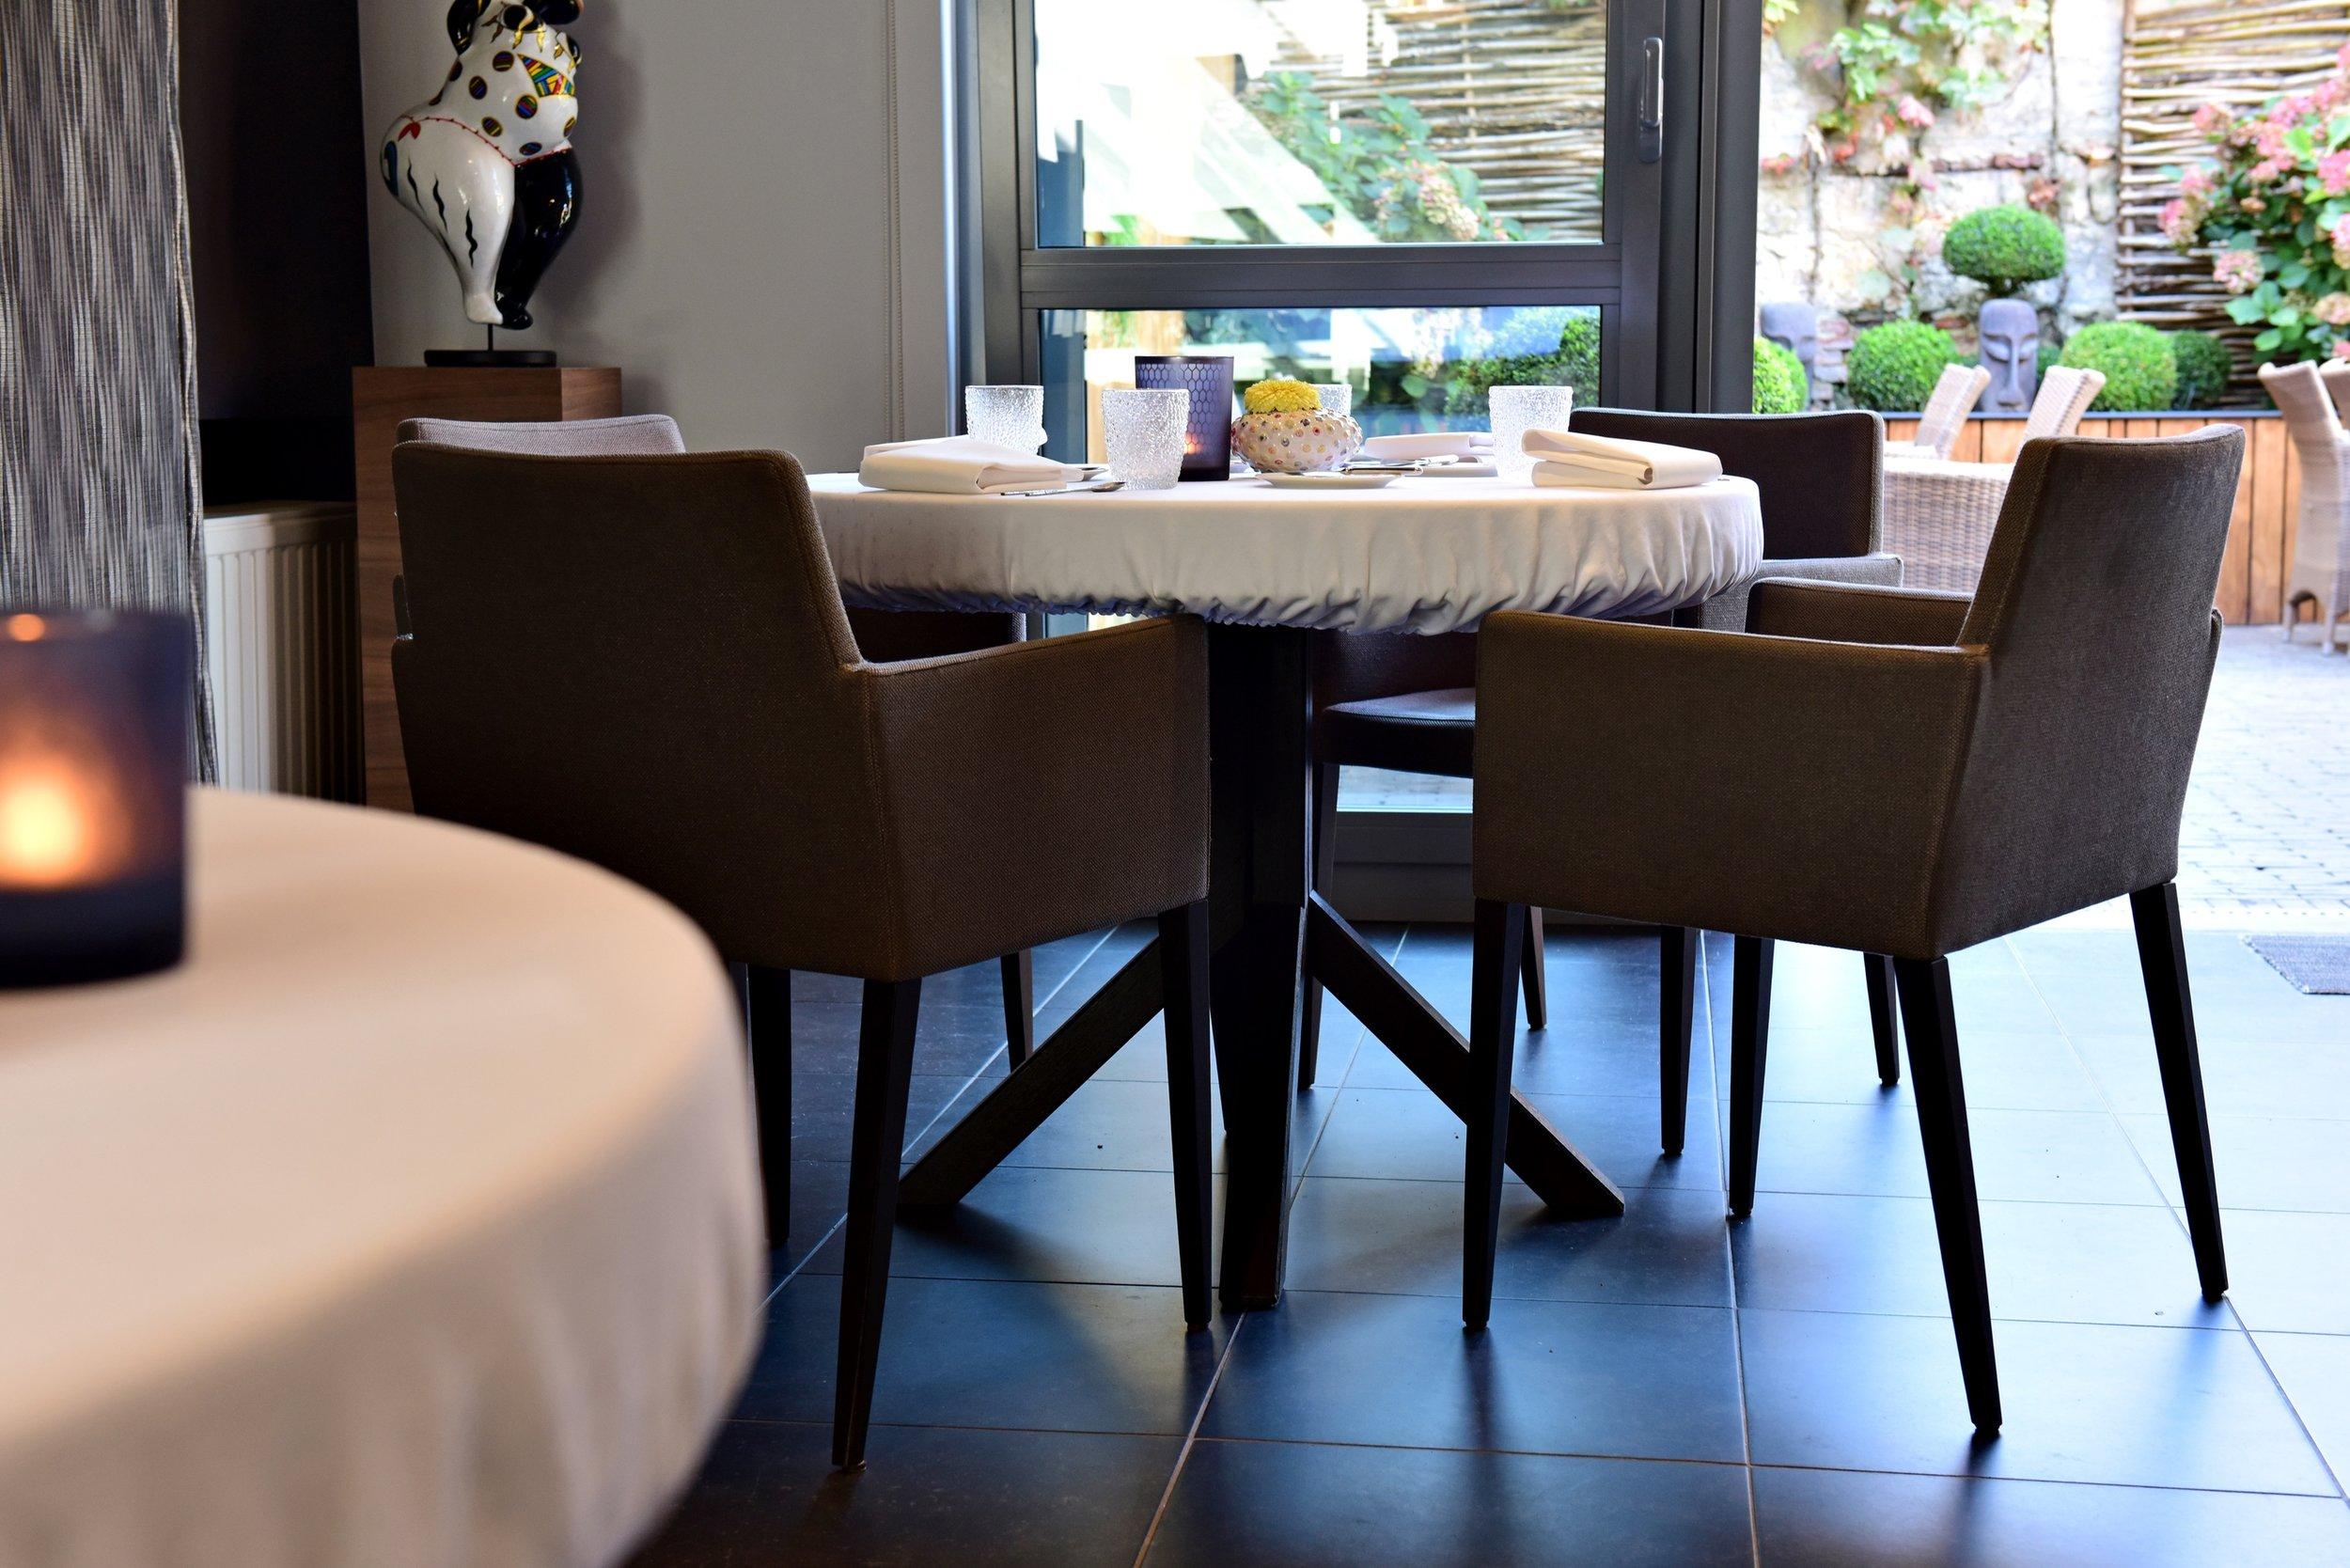 24 restaurant de mijlpaal tongeren bart albrecht culinair food fotograaf tablefever.jpg